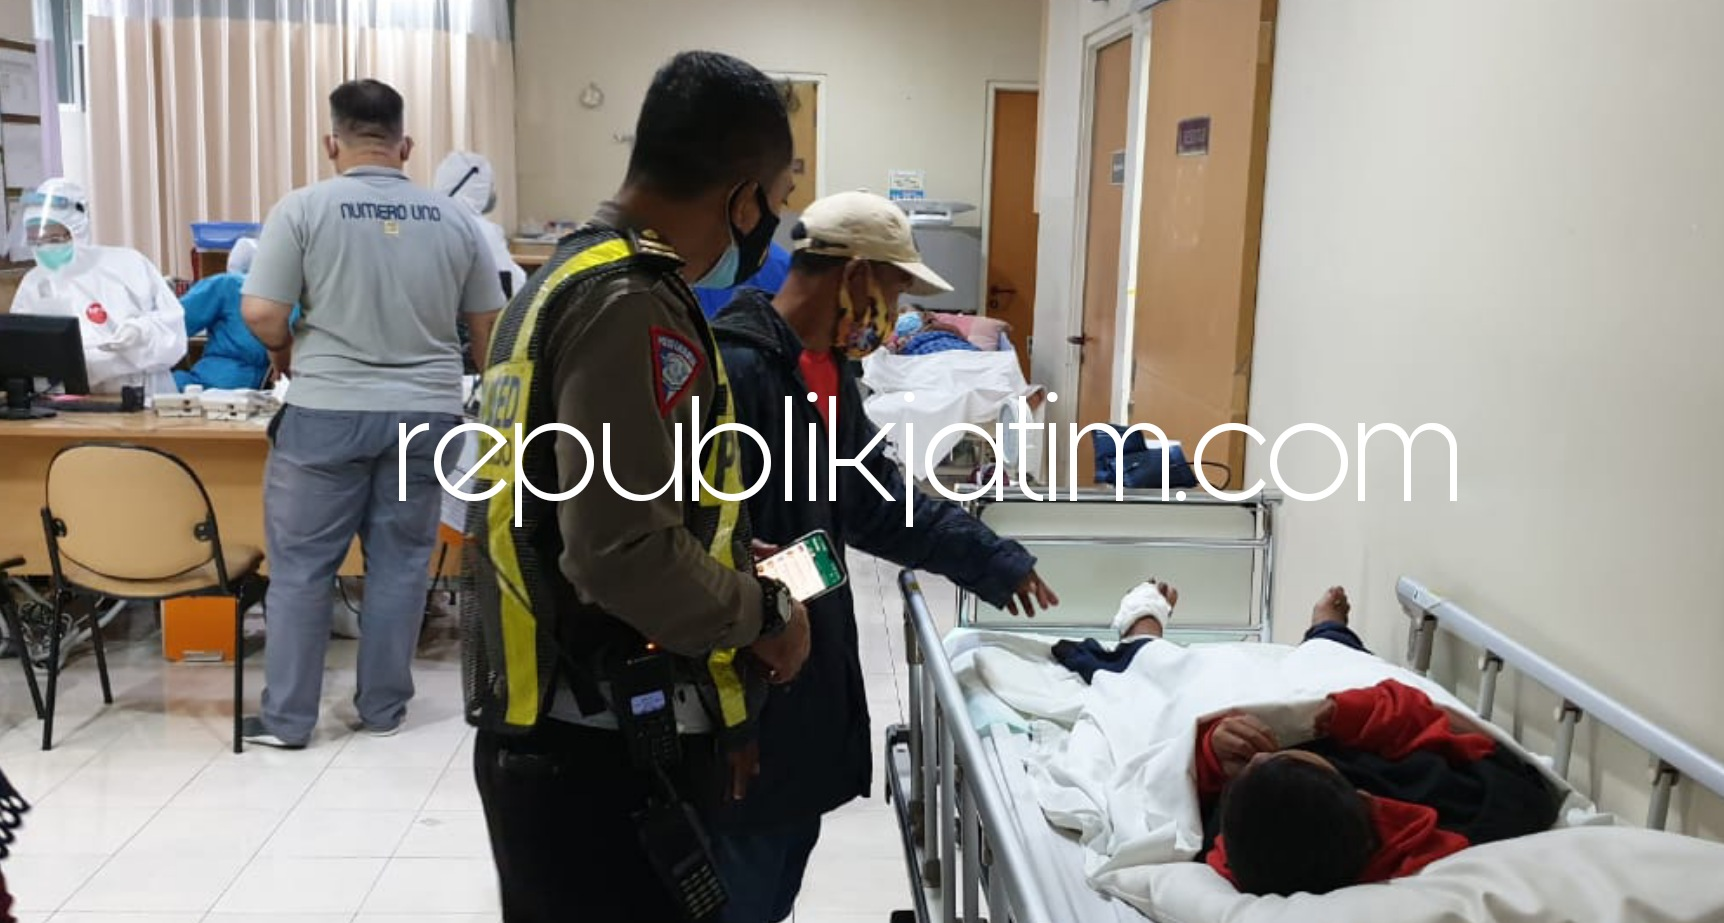 Tabrakan Beruntun, Truk Box Tabrak 11 Motor dan 5 Mobil di JL Raya Waru - Gedangan, 7 Pengendara Motor Terluka